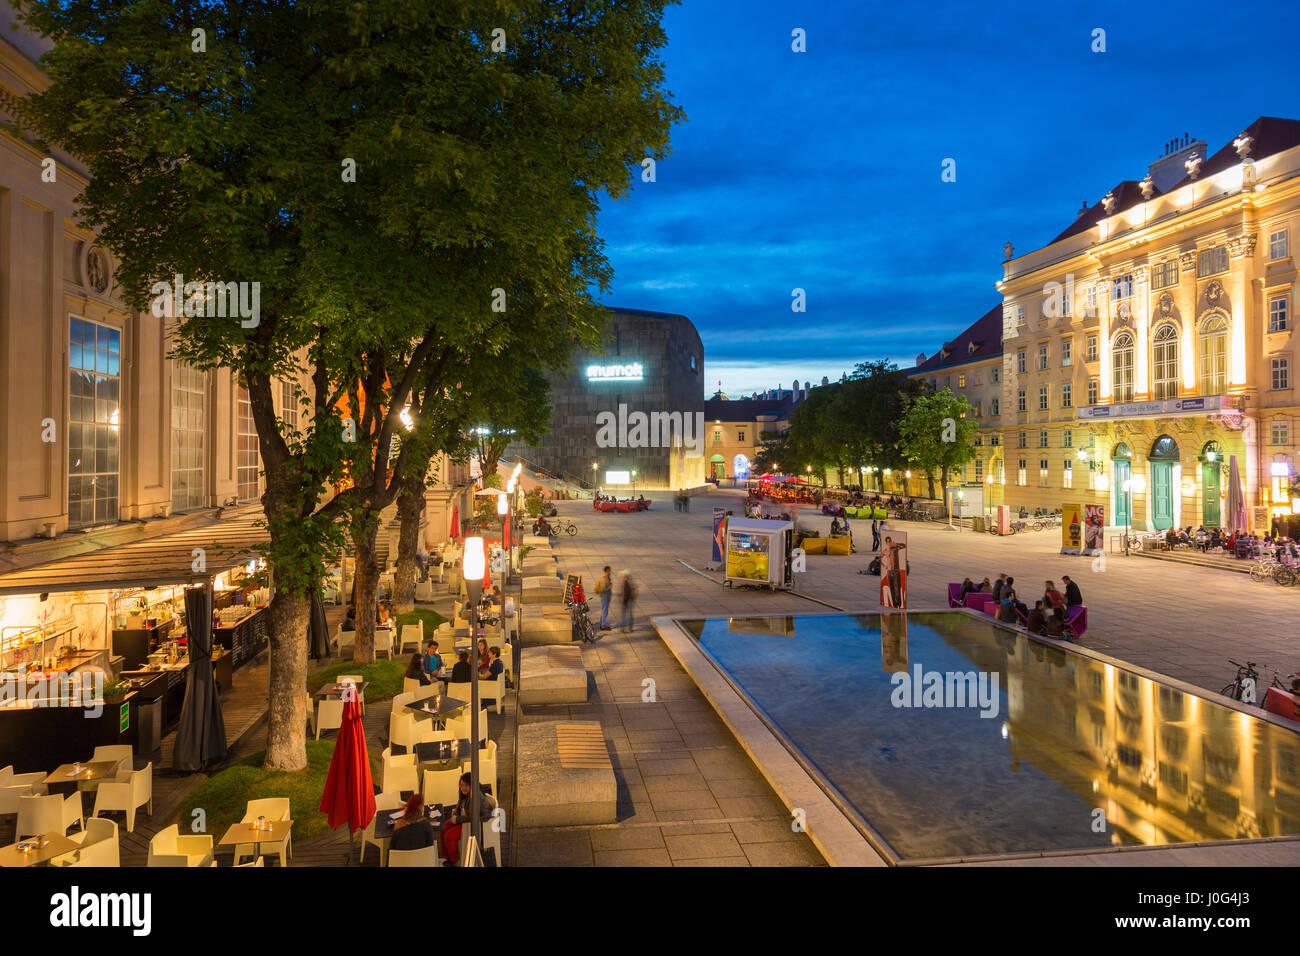 Museumsquartier mit Restaurants, Wien, Österreich Stockbild